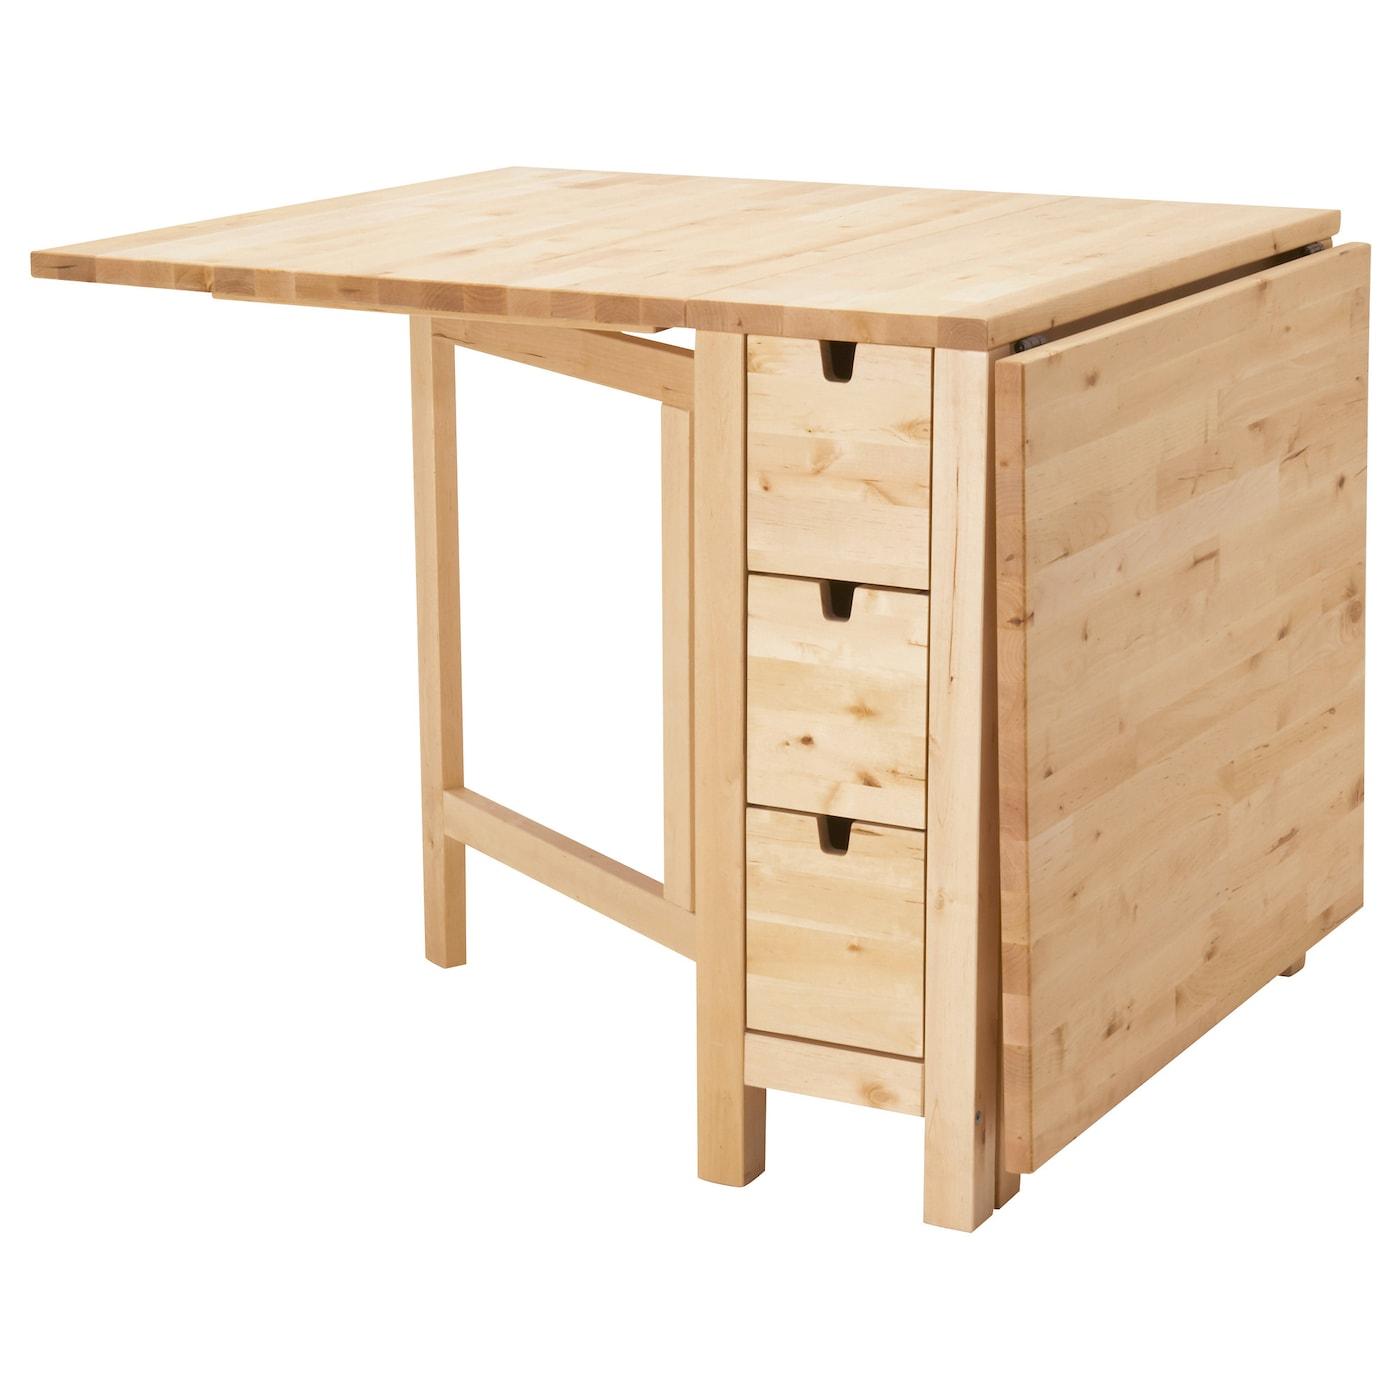 Table Salle Manger Ikea